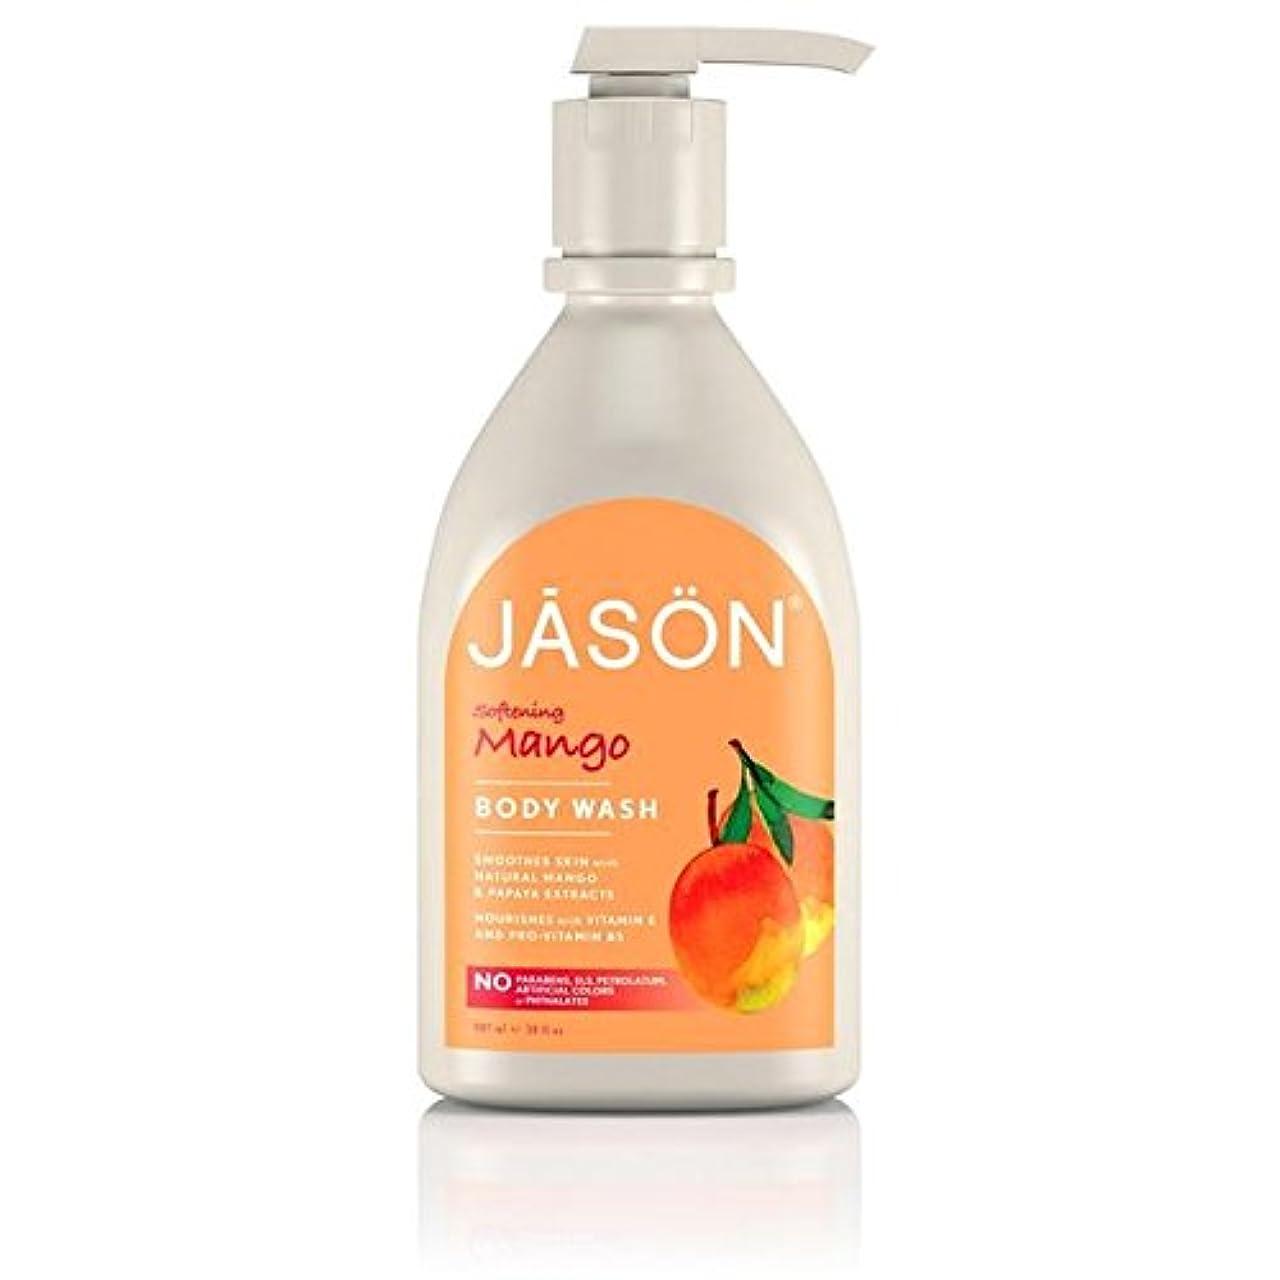 カウントビジネス道徳Jason Mango Satin Body Wash Pump 900ml (Pack of 6) - ジェイソン?マンゴーサテンボディウォッシュポンプ900ミリリットル x6 [並行輸入品]